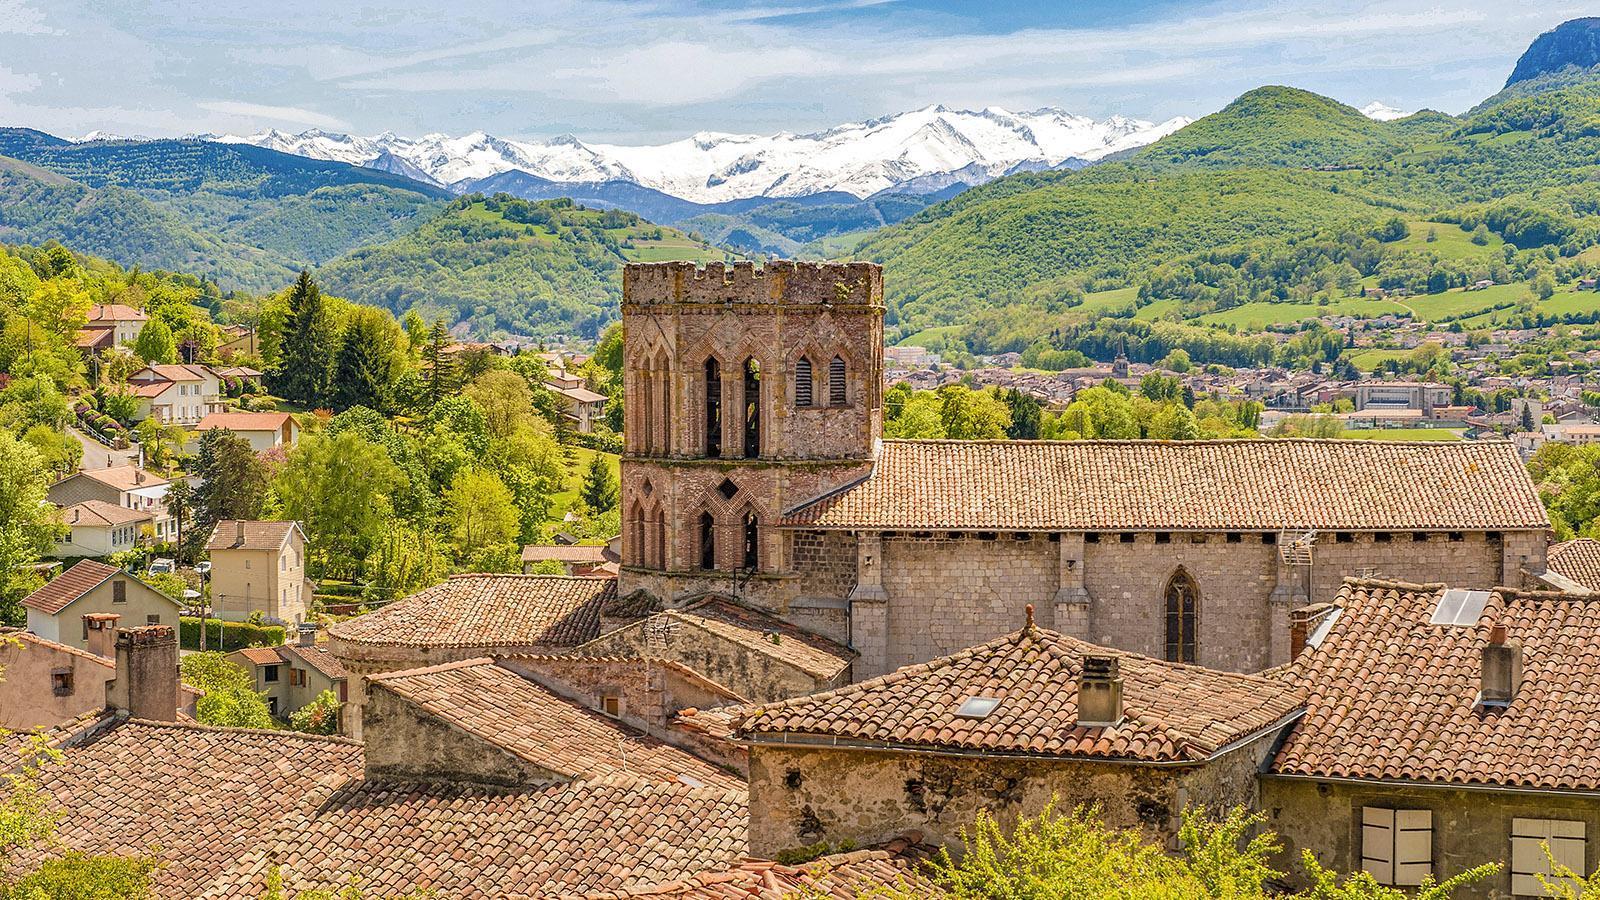 Saint-Lizier mit seiner ehemaligen Kathedrale und dem Hauptkamm der Pyrenäen. Foto: Hilke Maunder